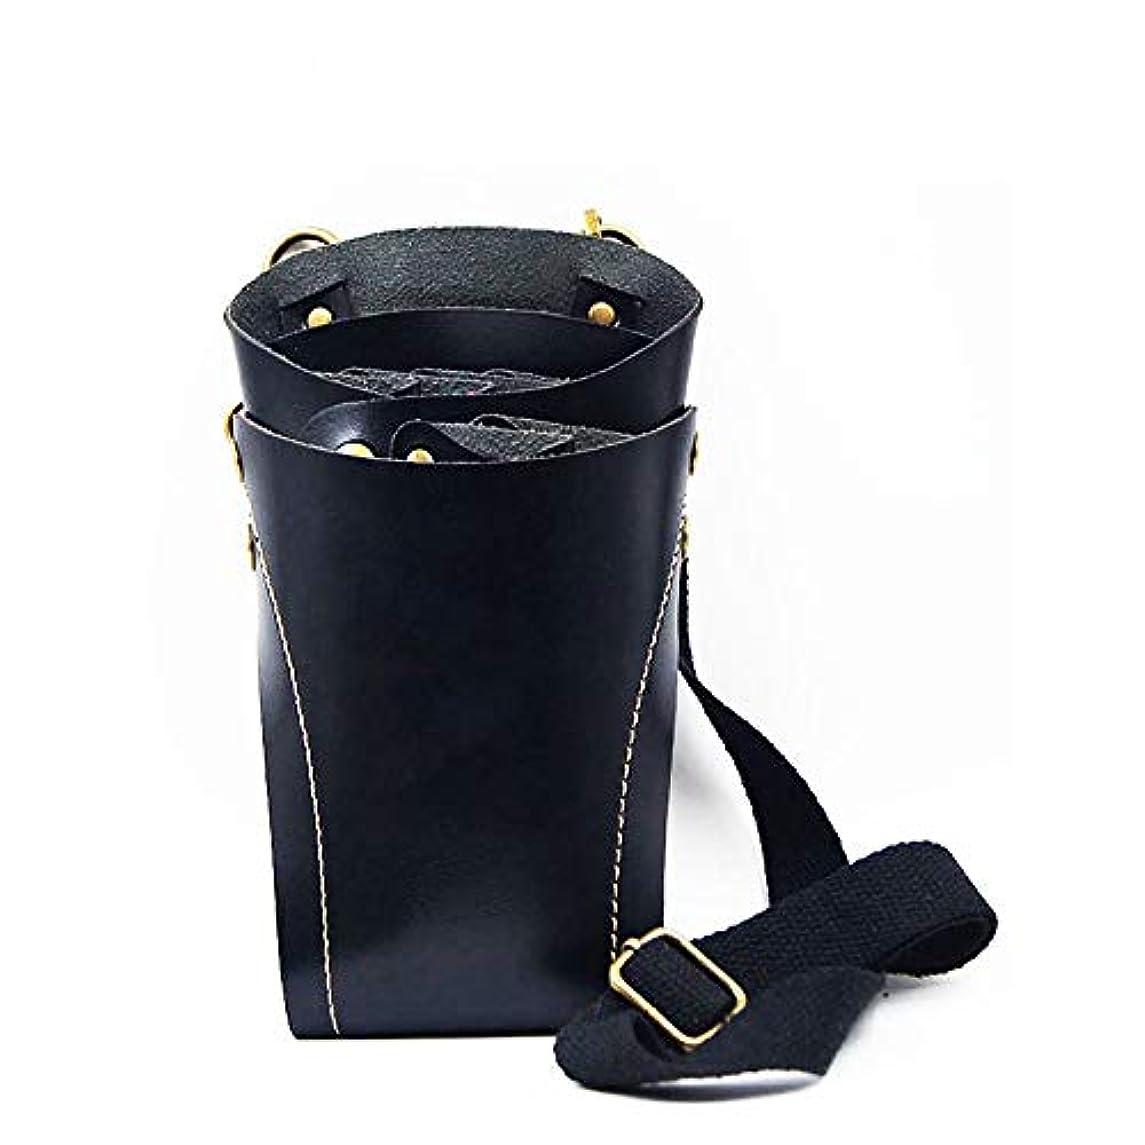 住居休戦どこにもウエストショルダーベルトリベットクリップバッグすべての革床屋はさみ理髪ホルスターポーチに最適 モデリングツール (色 : 黒)